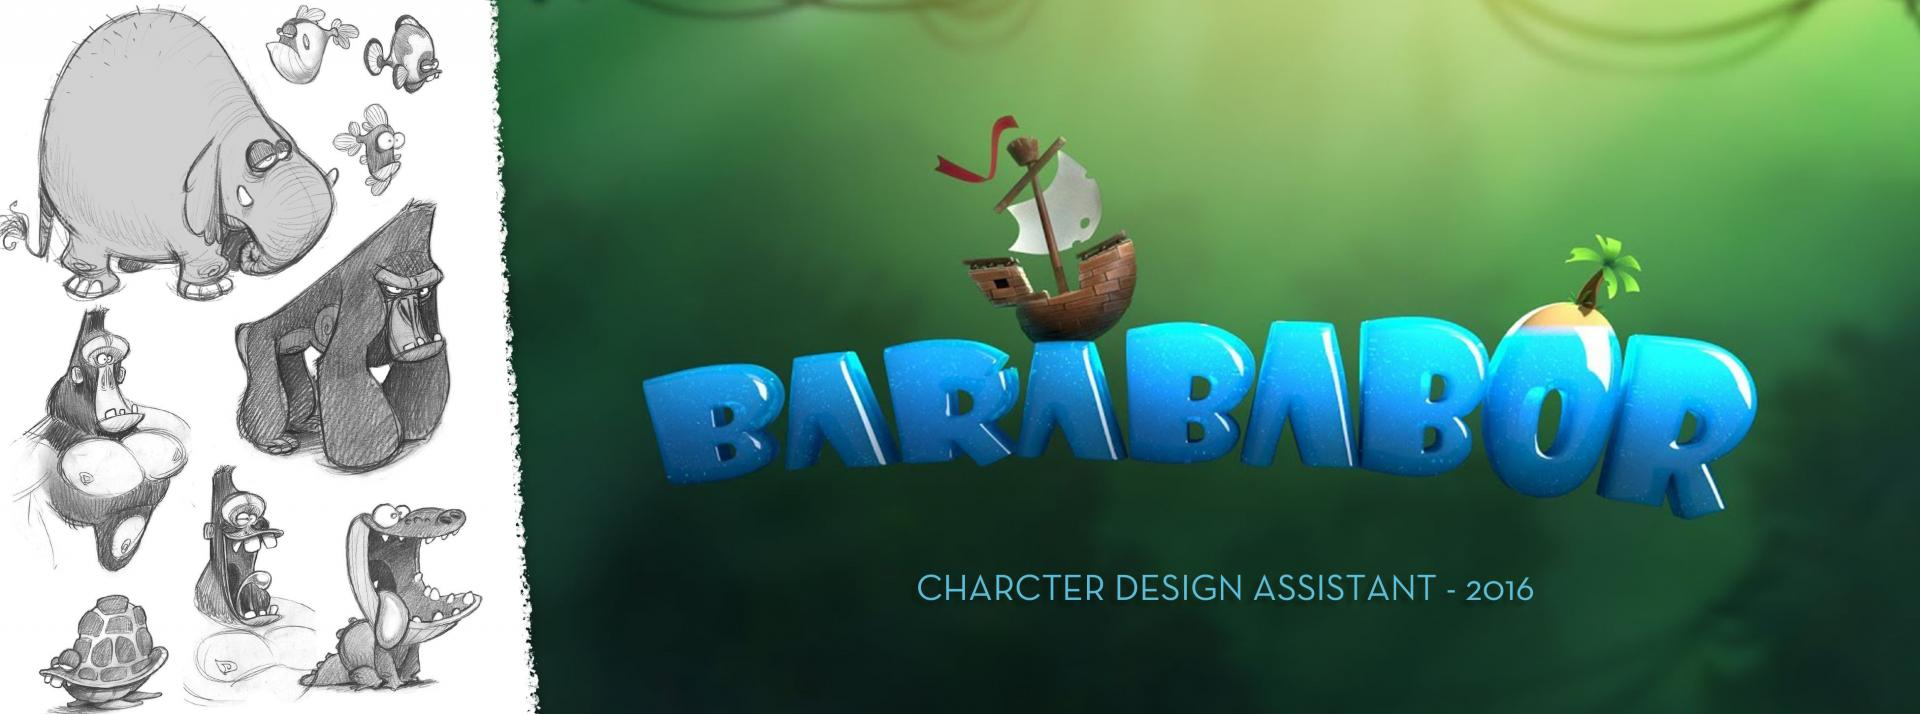 Site olsencreation categories barababor